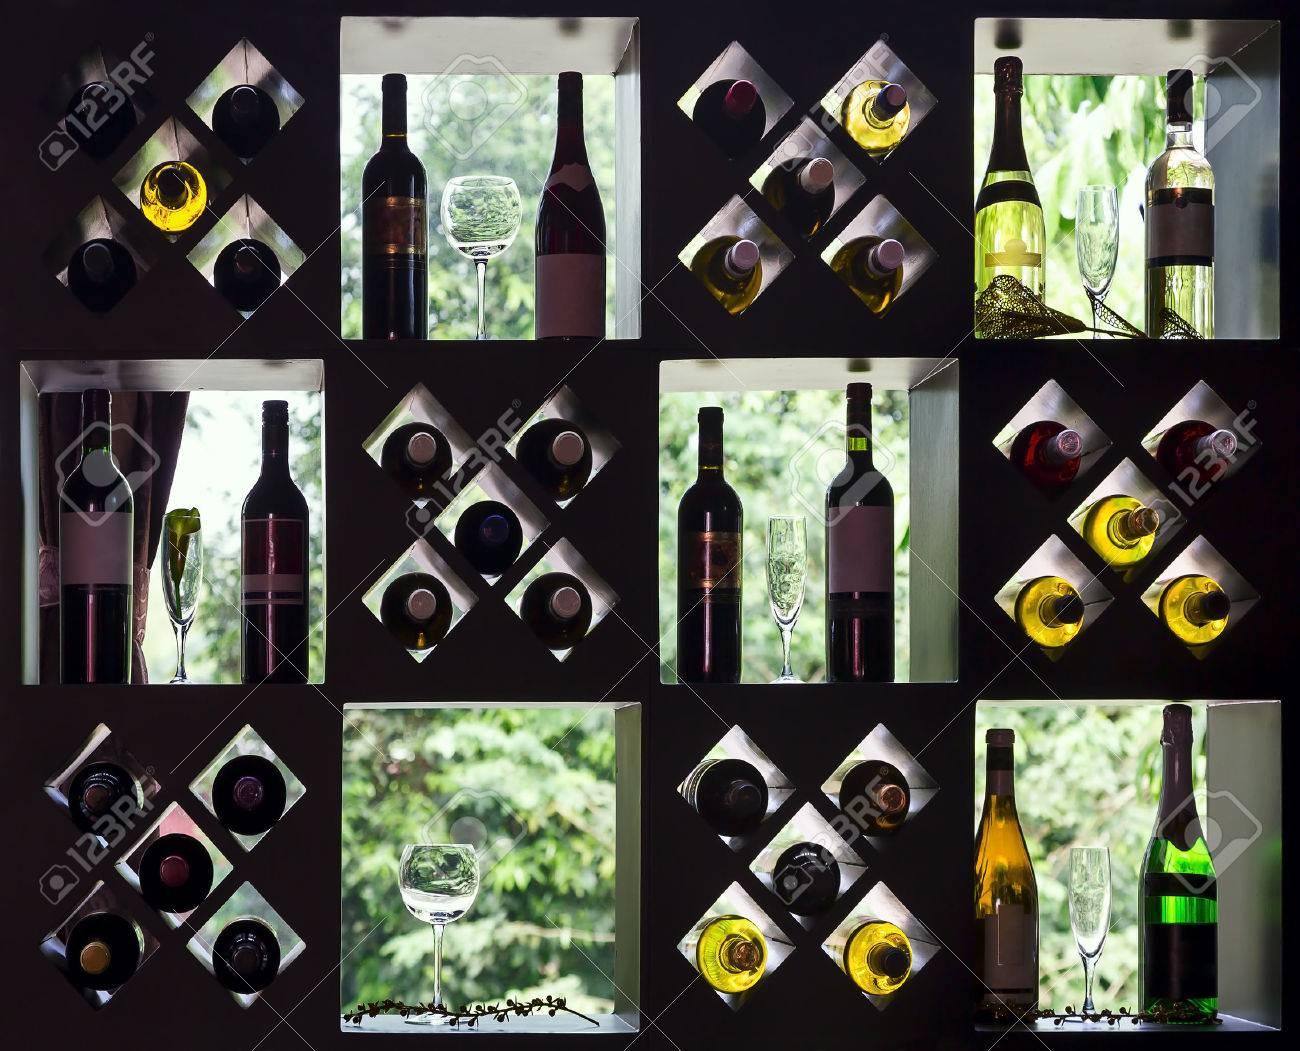 Colección De Vino En Los Estantes De Madera Con Botellas Y Vasos ...